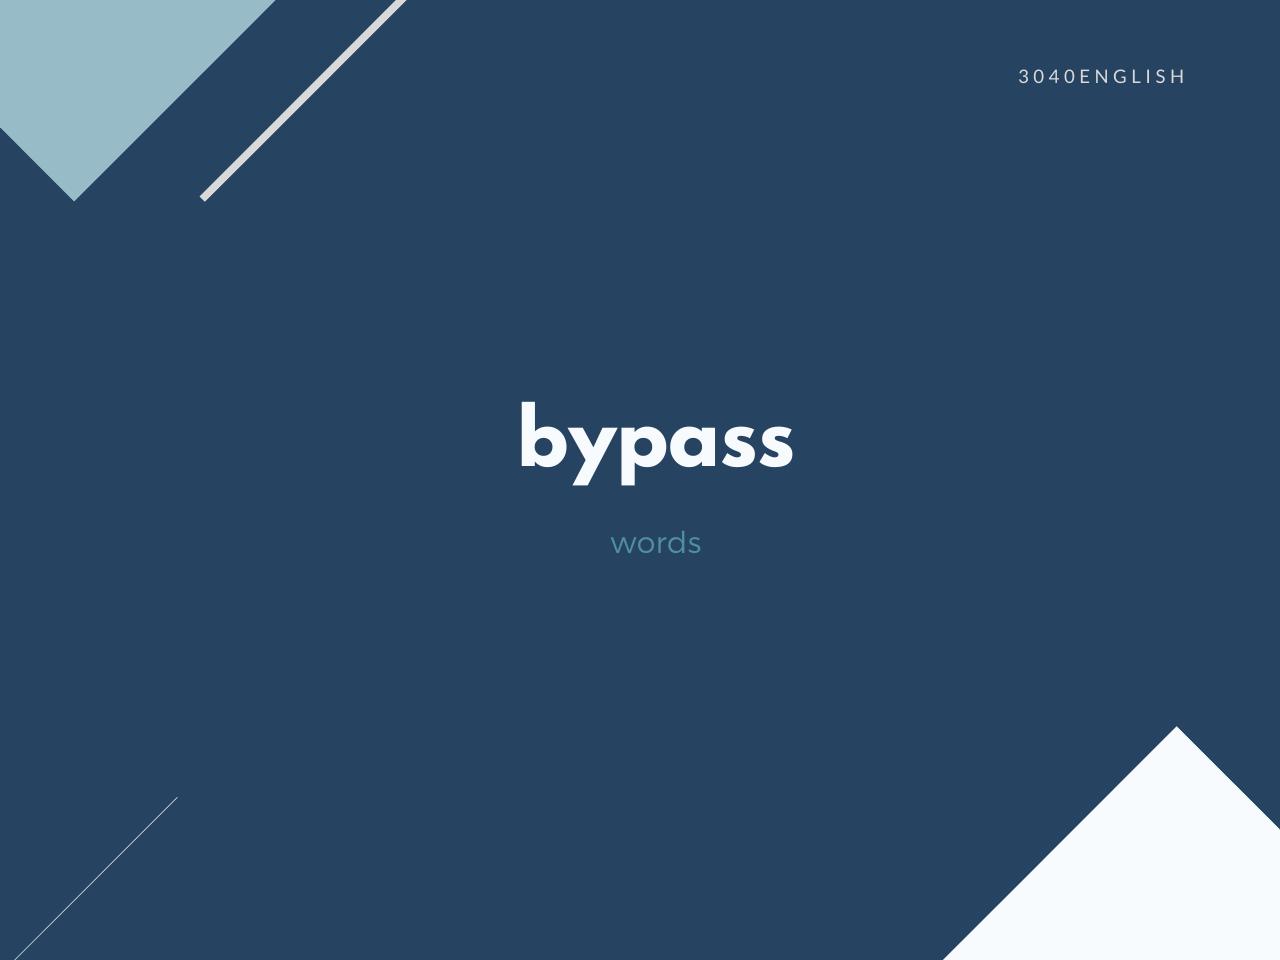 【バイパス】bypass の意味と簡単な使い方【音読用例文あり】